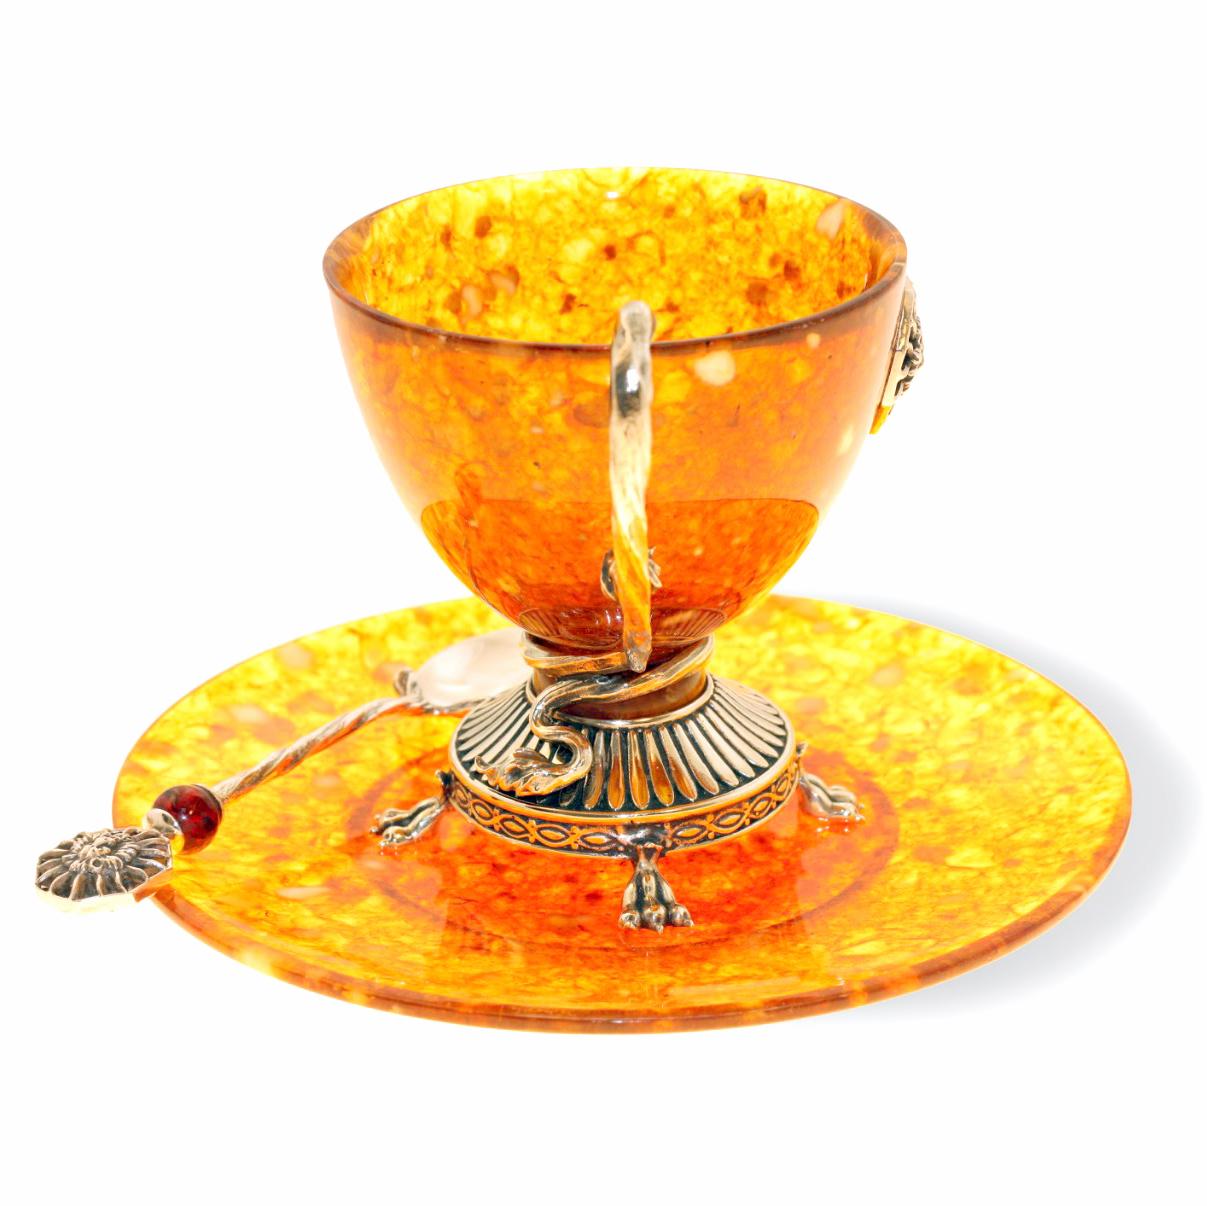 чашка с блюдцем из янтаря «Цезарь» арт 11203